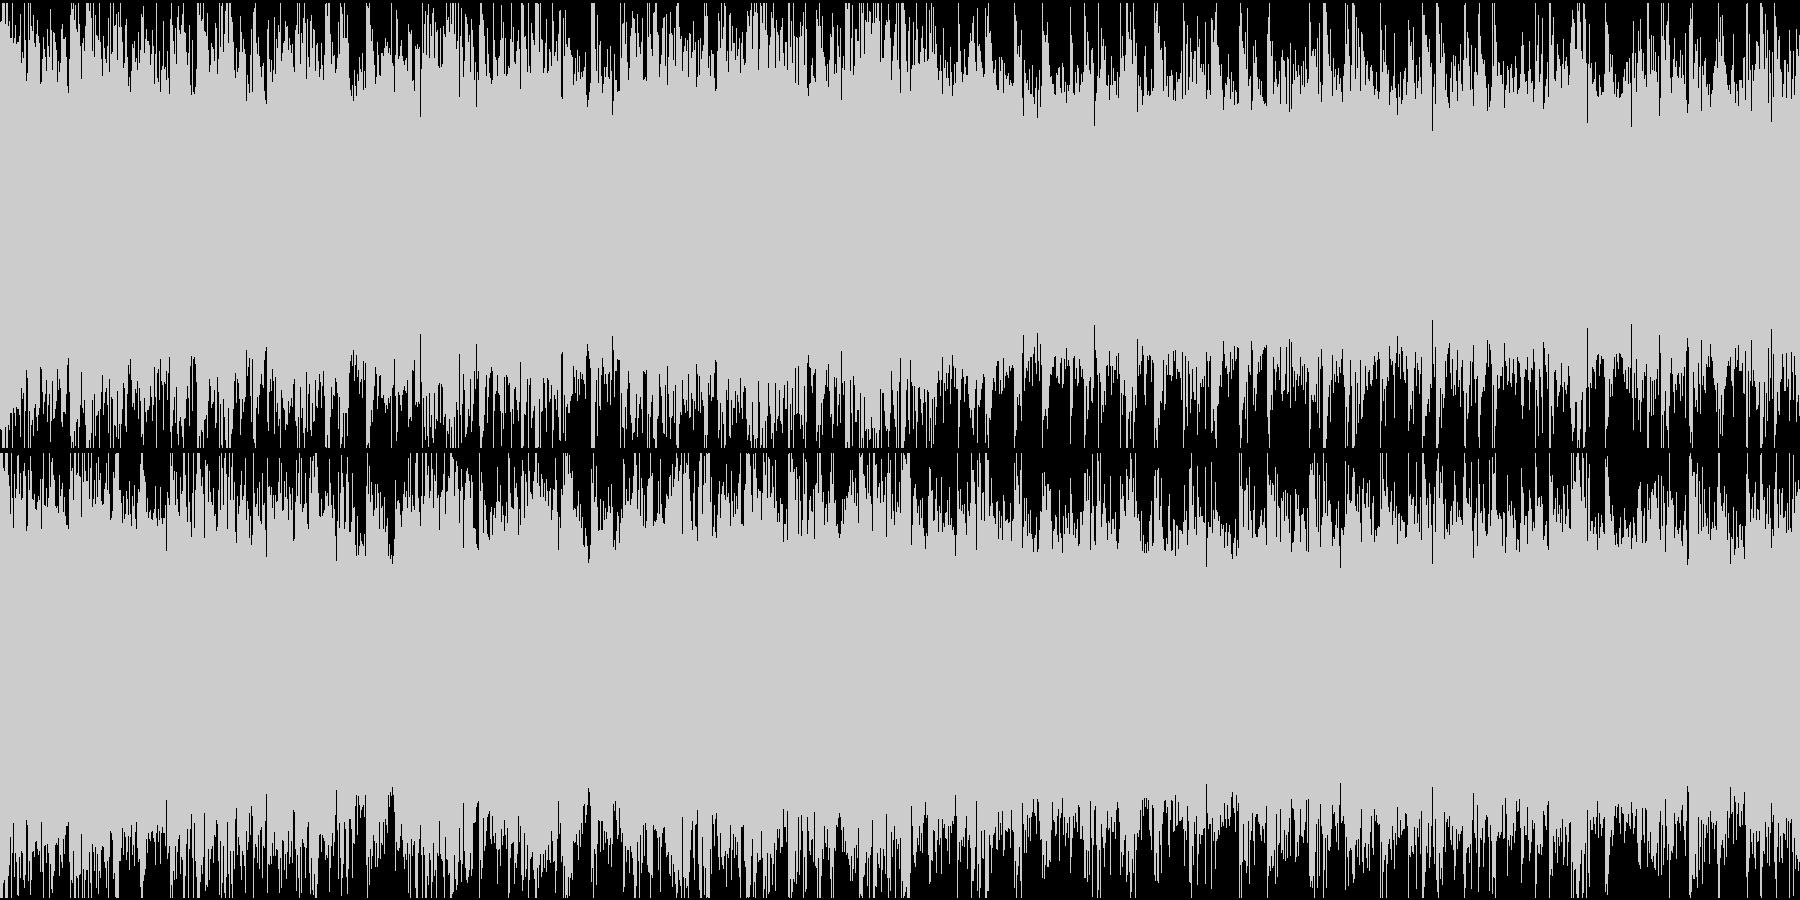 近未来的雰囲気の疾走感あるドラムンベースの未再生の波形